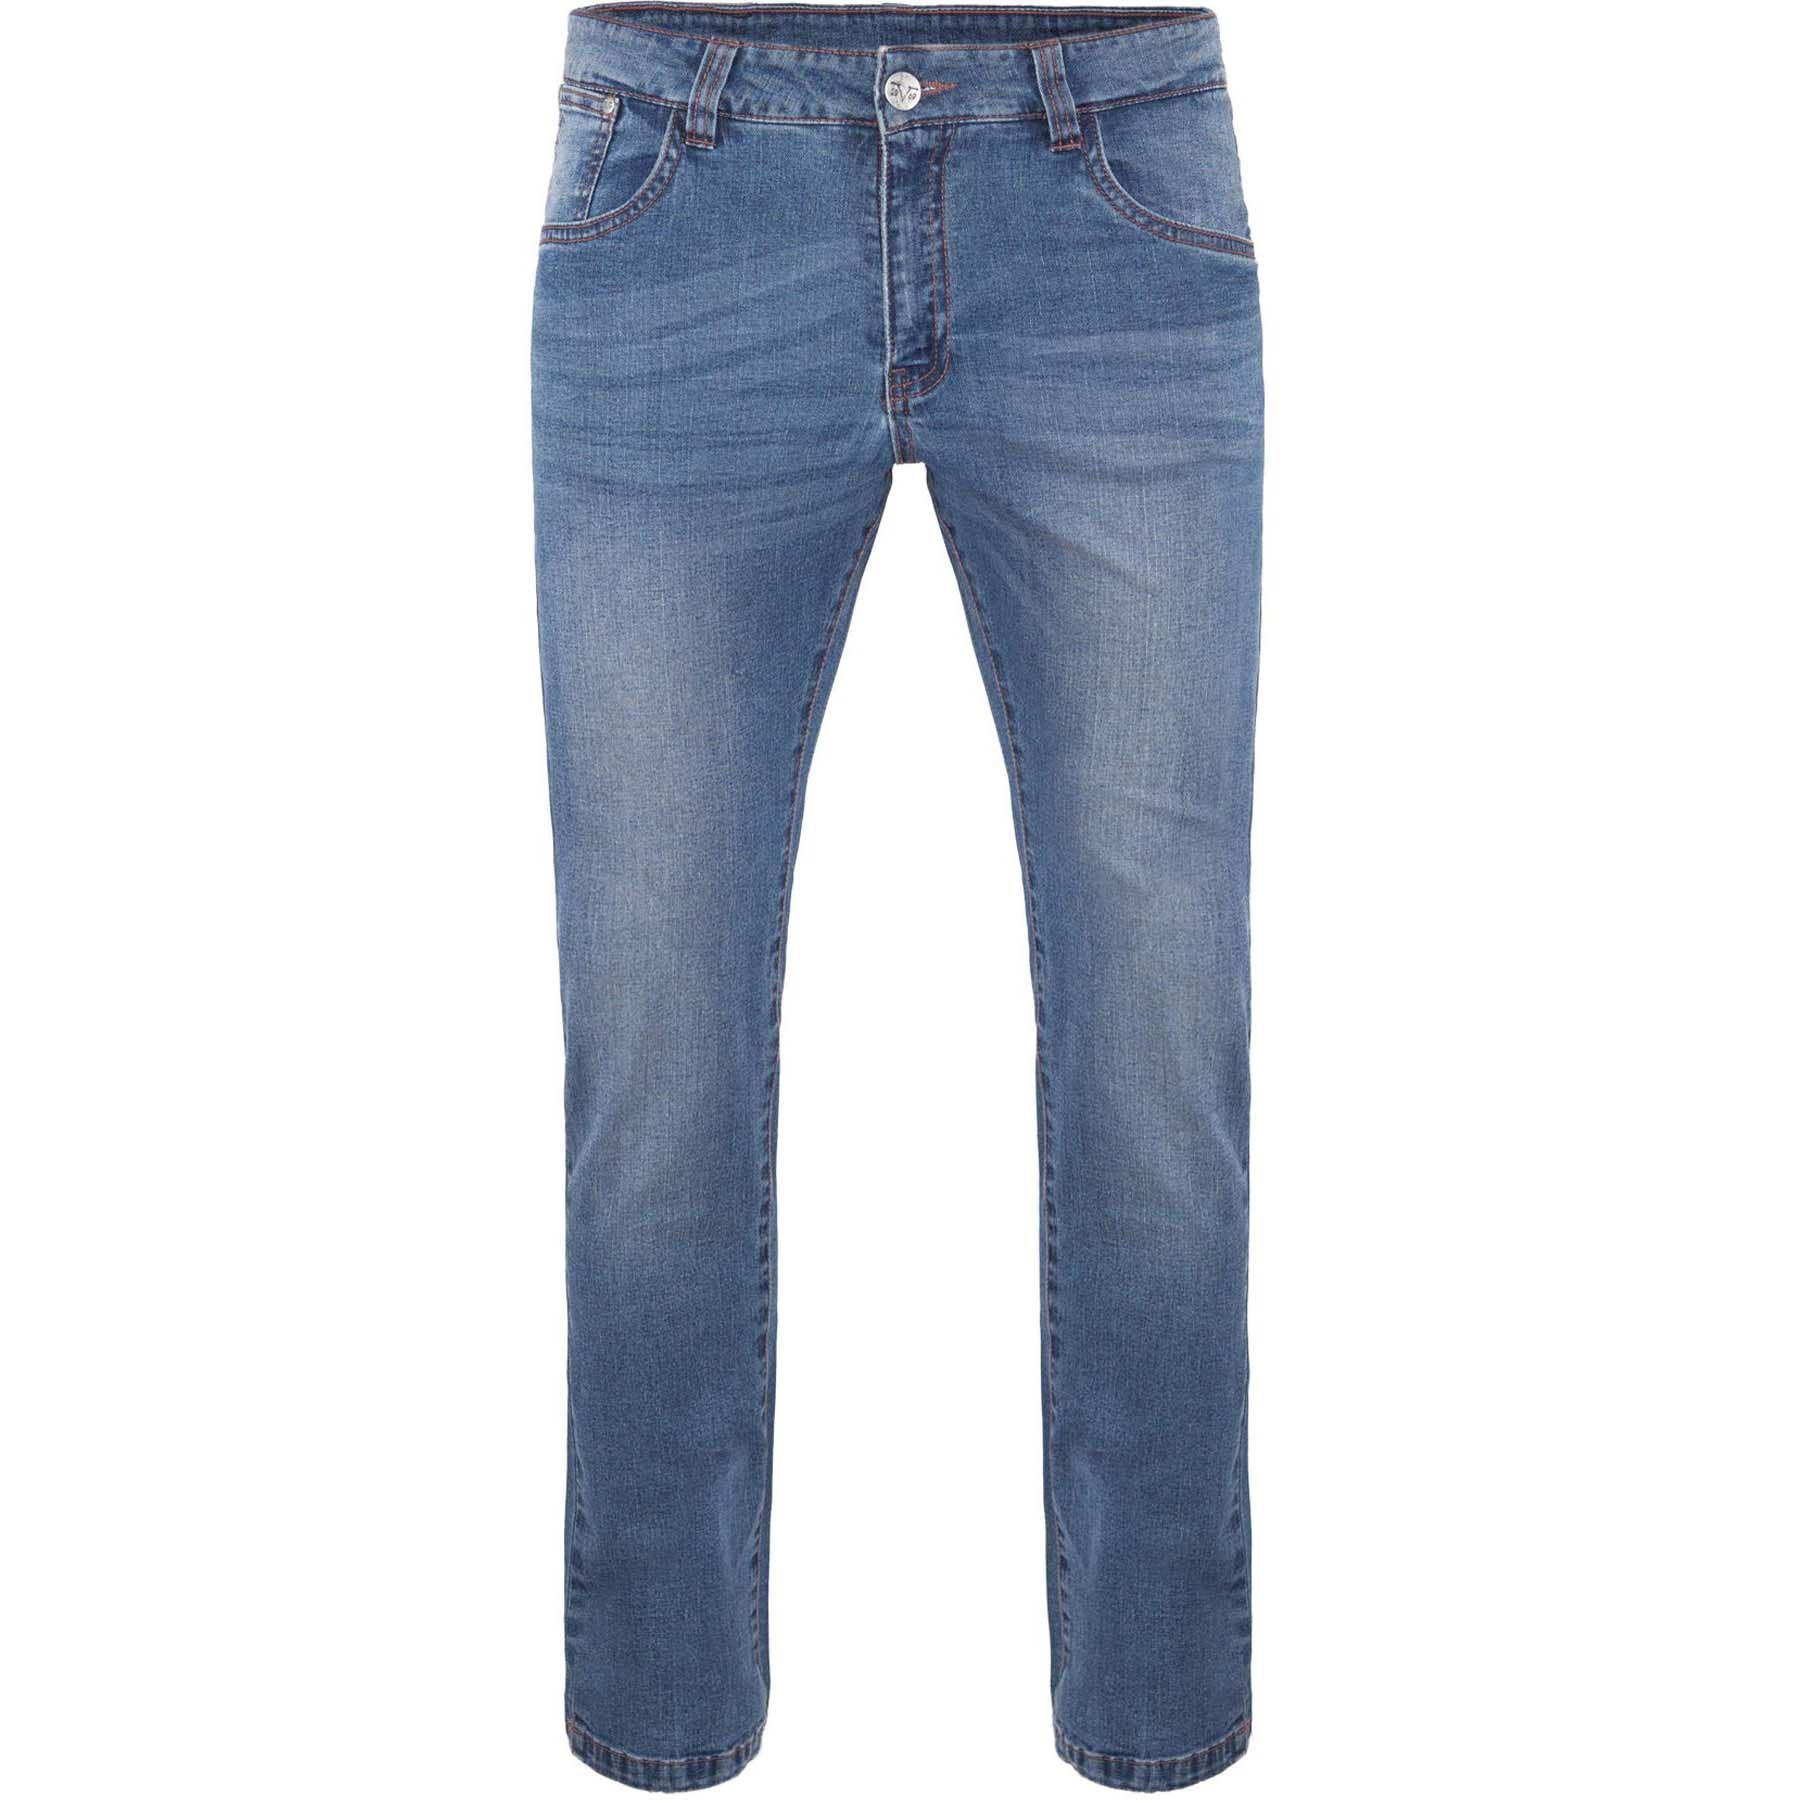 Pantalones de mezclilla de 19V69 hombres W32/L32 azul